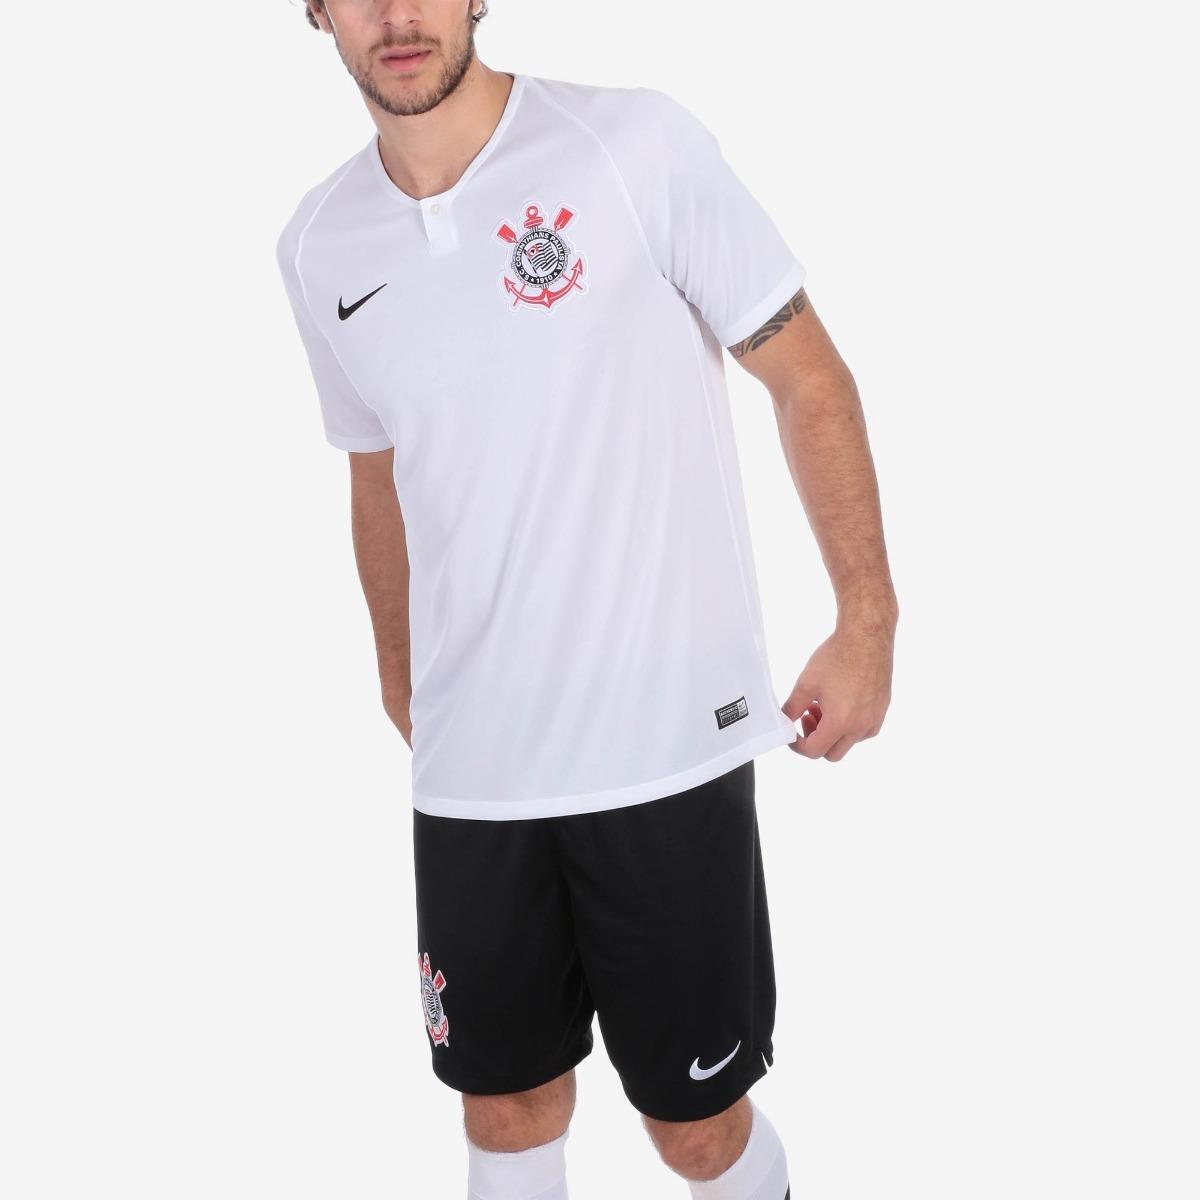 Camiseta Do Corinthians Oficial 18 19-oferta Netshoes Peça - R  69 ... 291a10c5c19e1